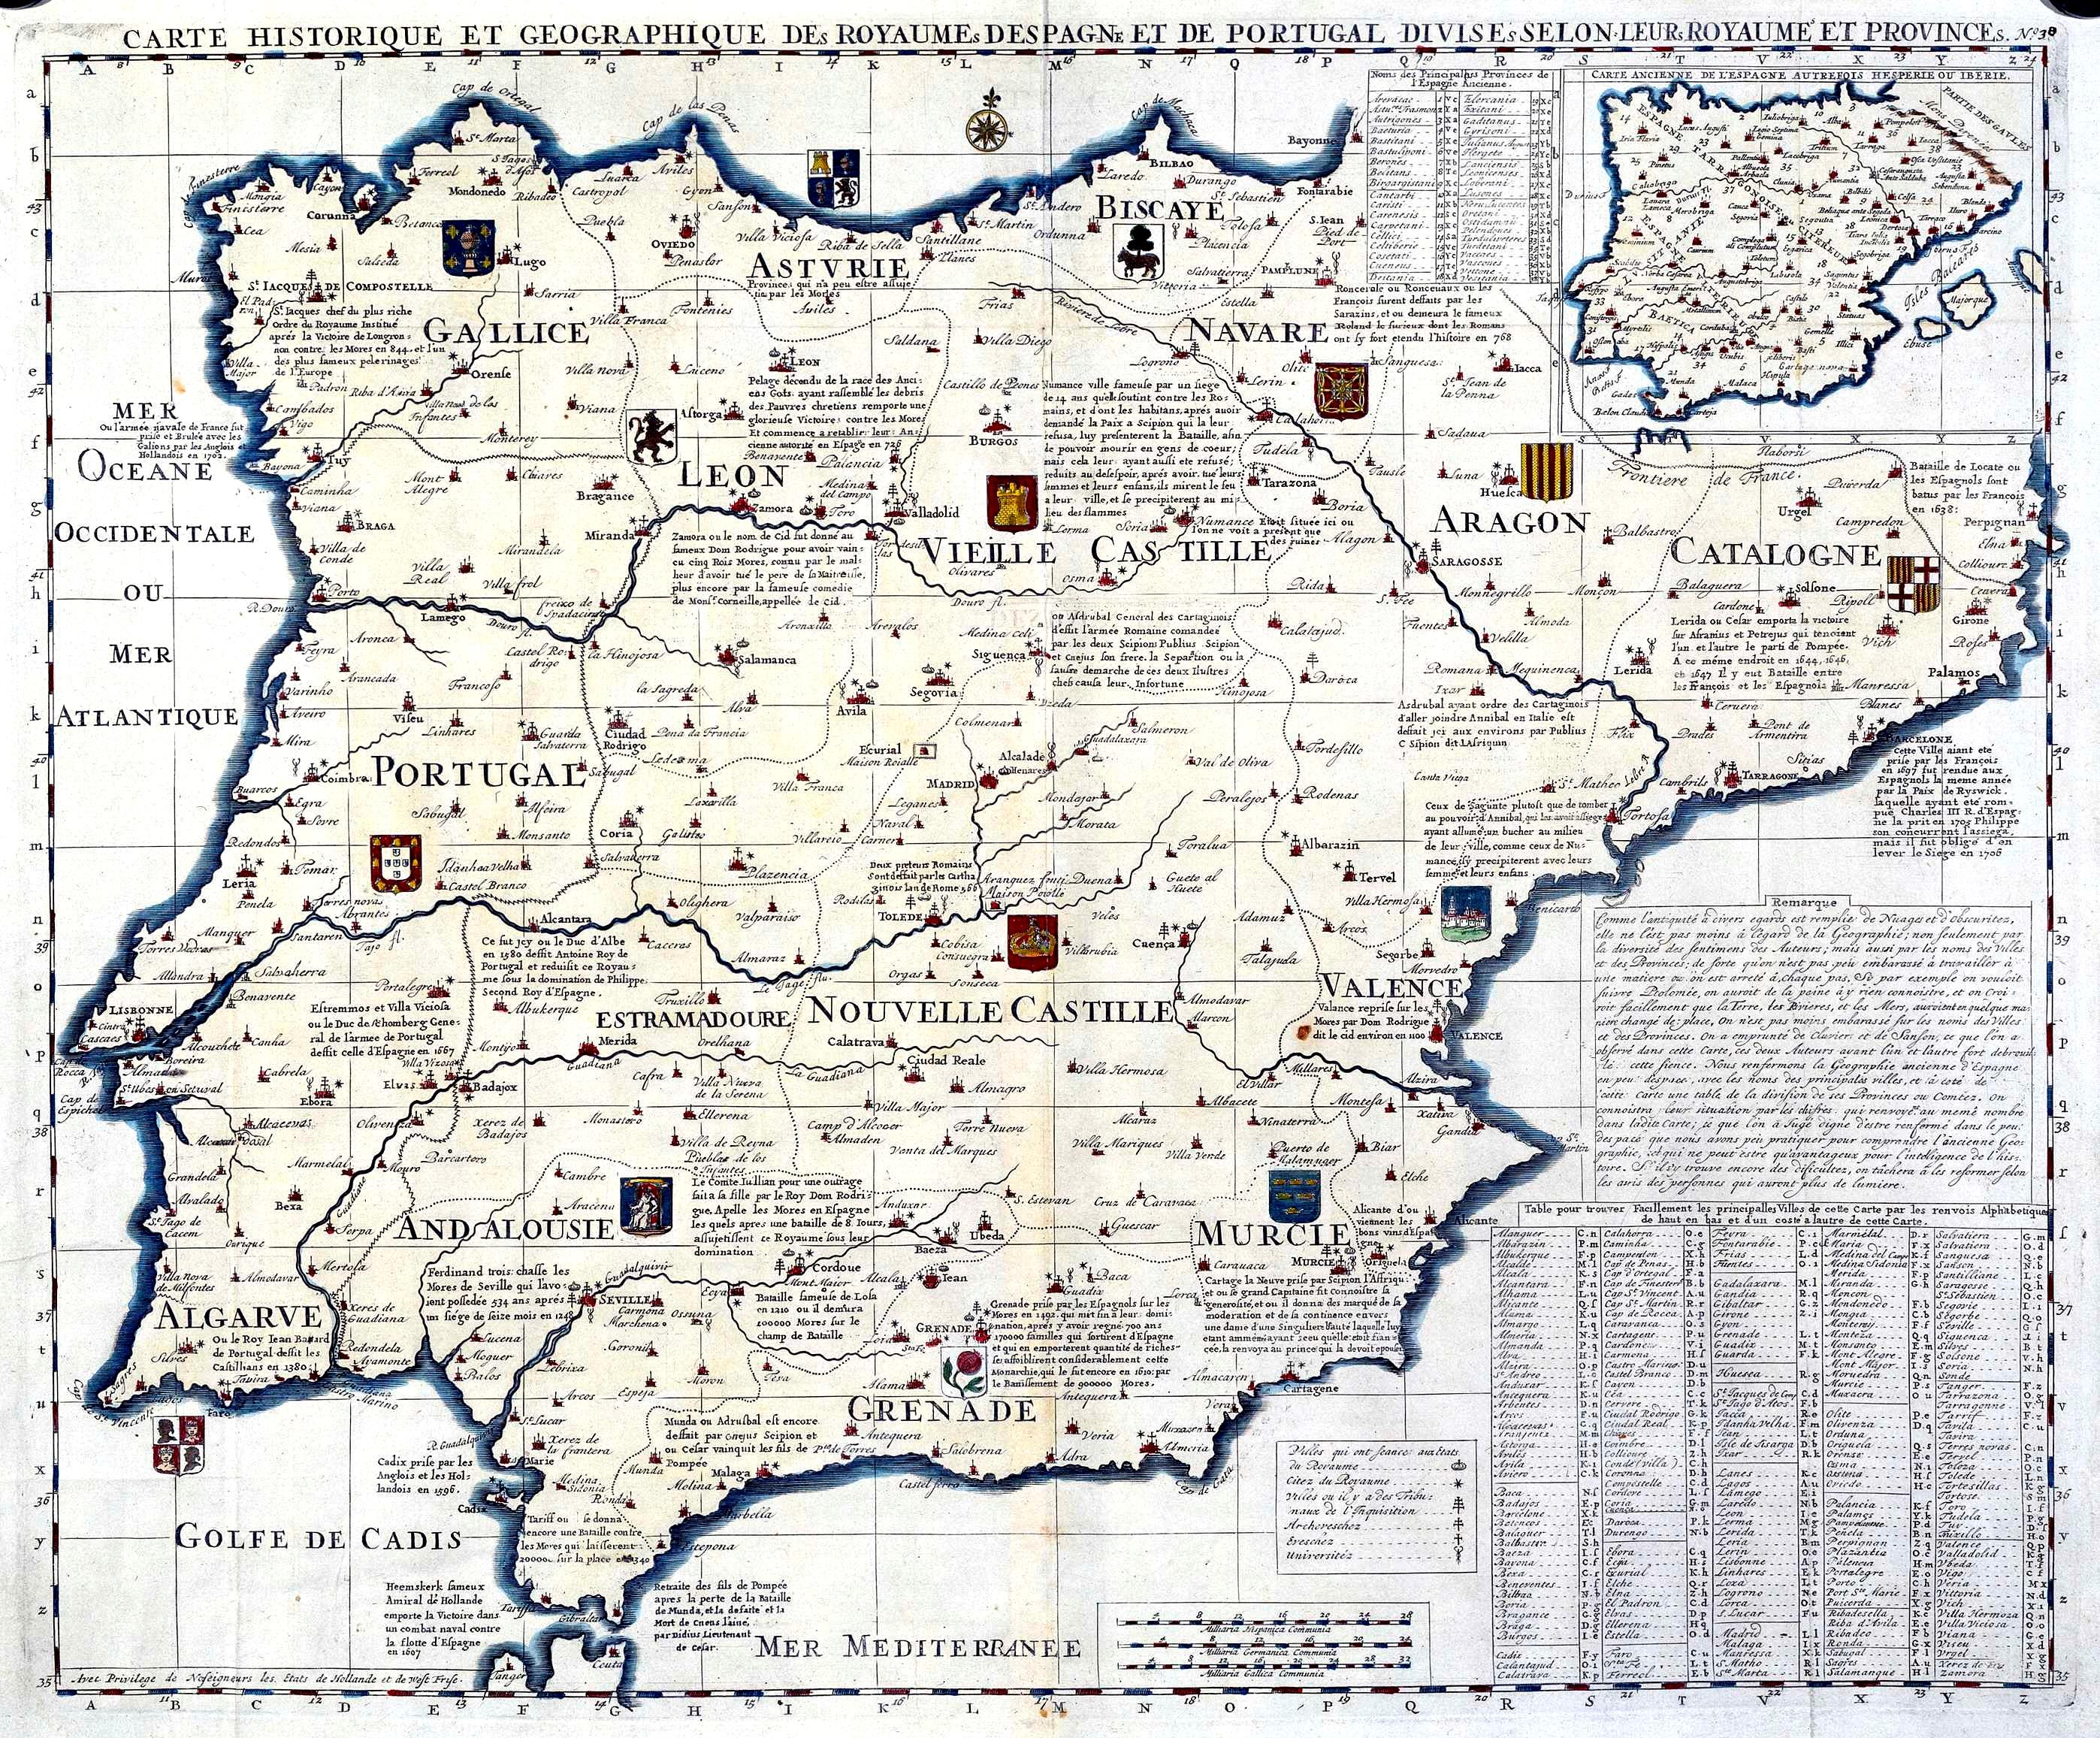 carte du portugal et espagne File:Carte historique des Royaumes d'Espagne et Portugal.